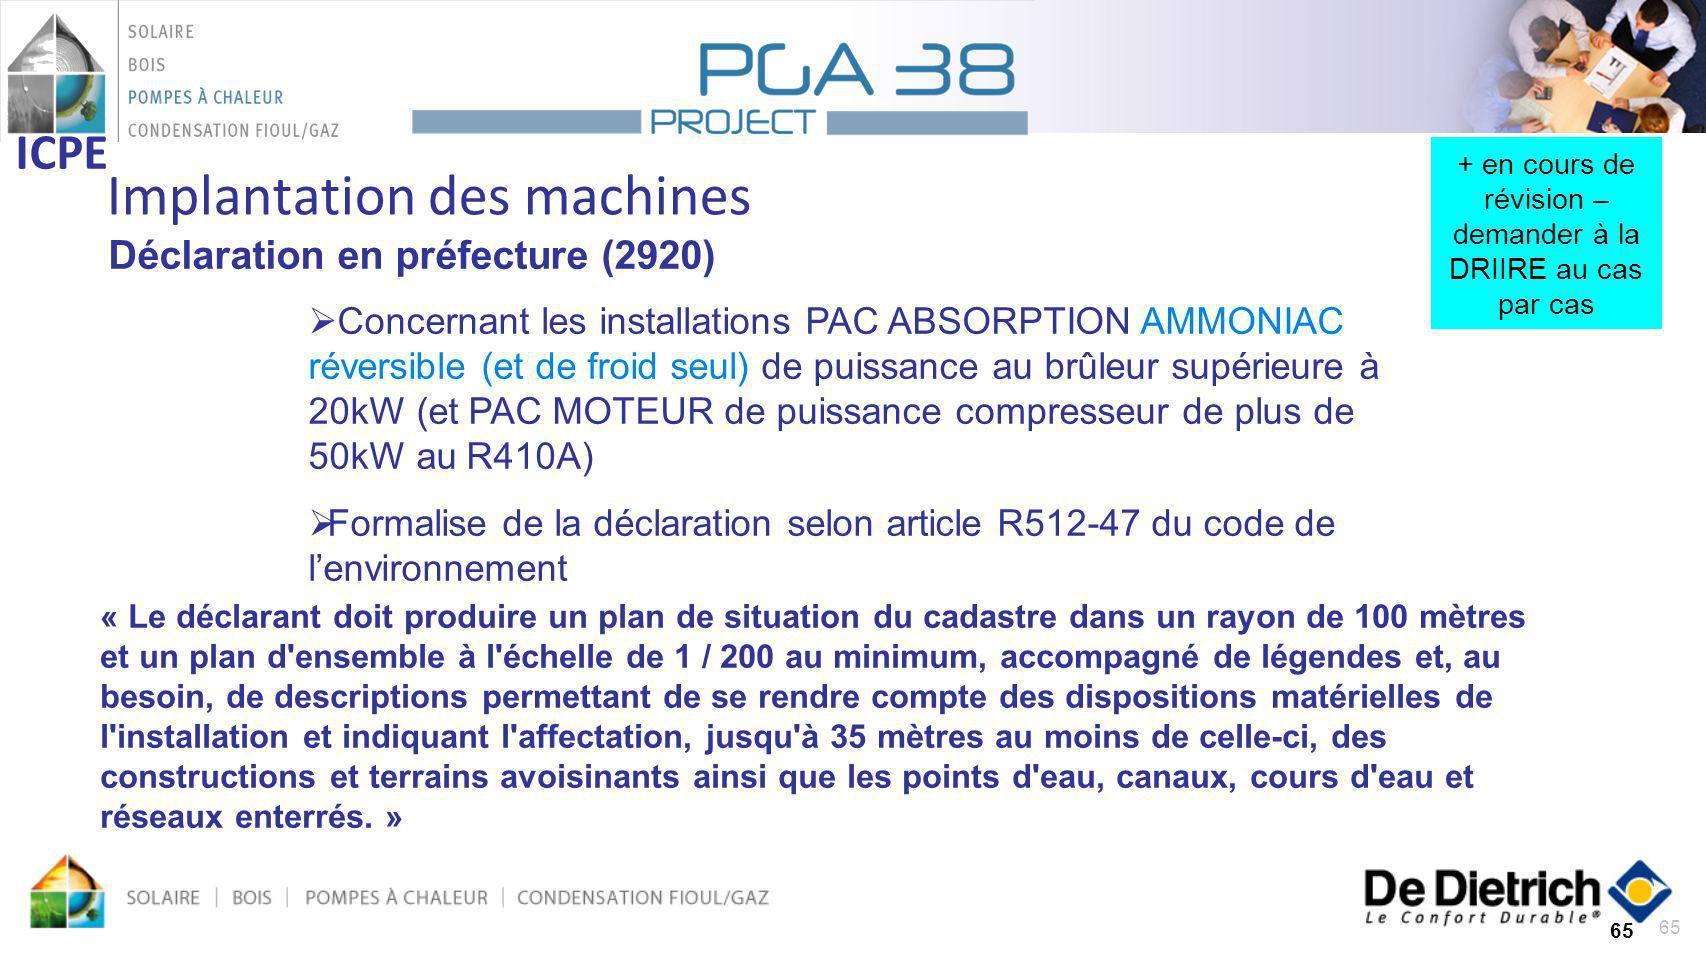 65 Implantation des machines 65 ICPE Déclaration en préfecture (2920) Concernant les installations PAC ABSORPTION AMMONIAC réversible (et de froid seu